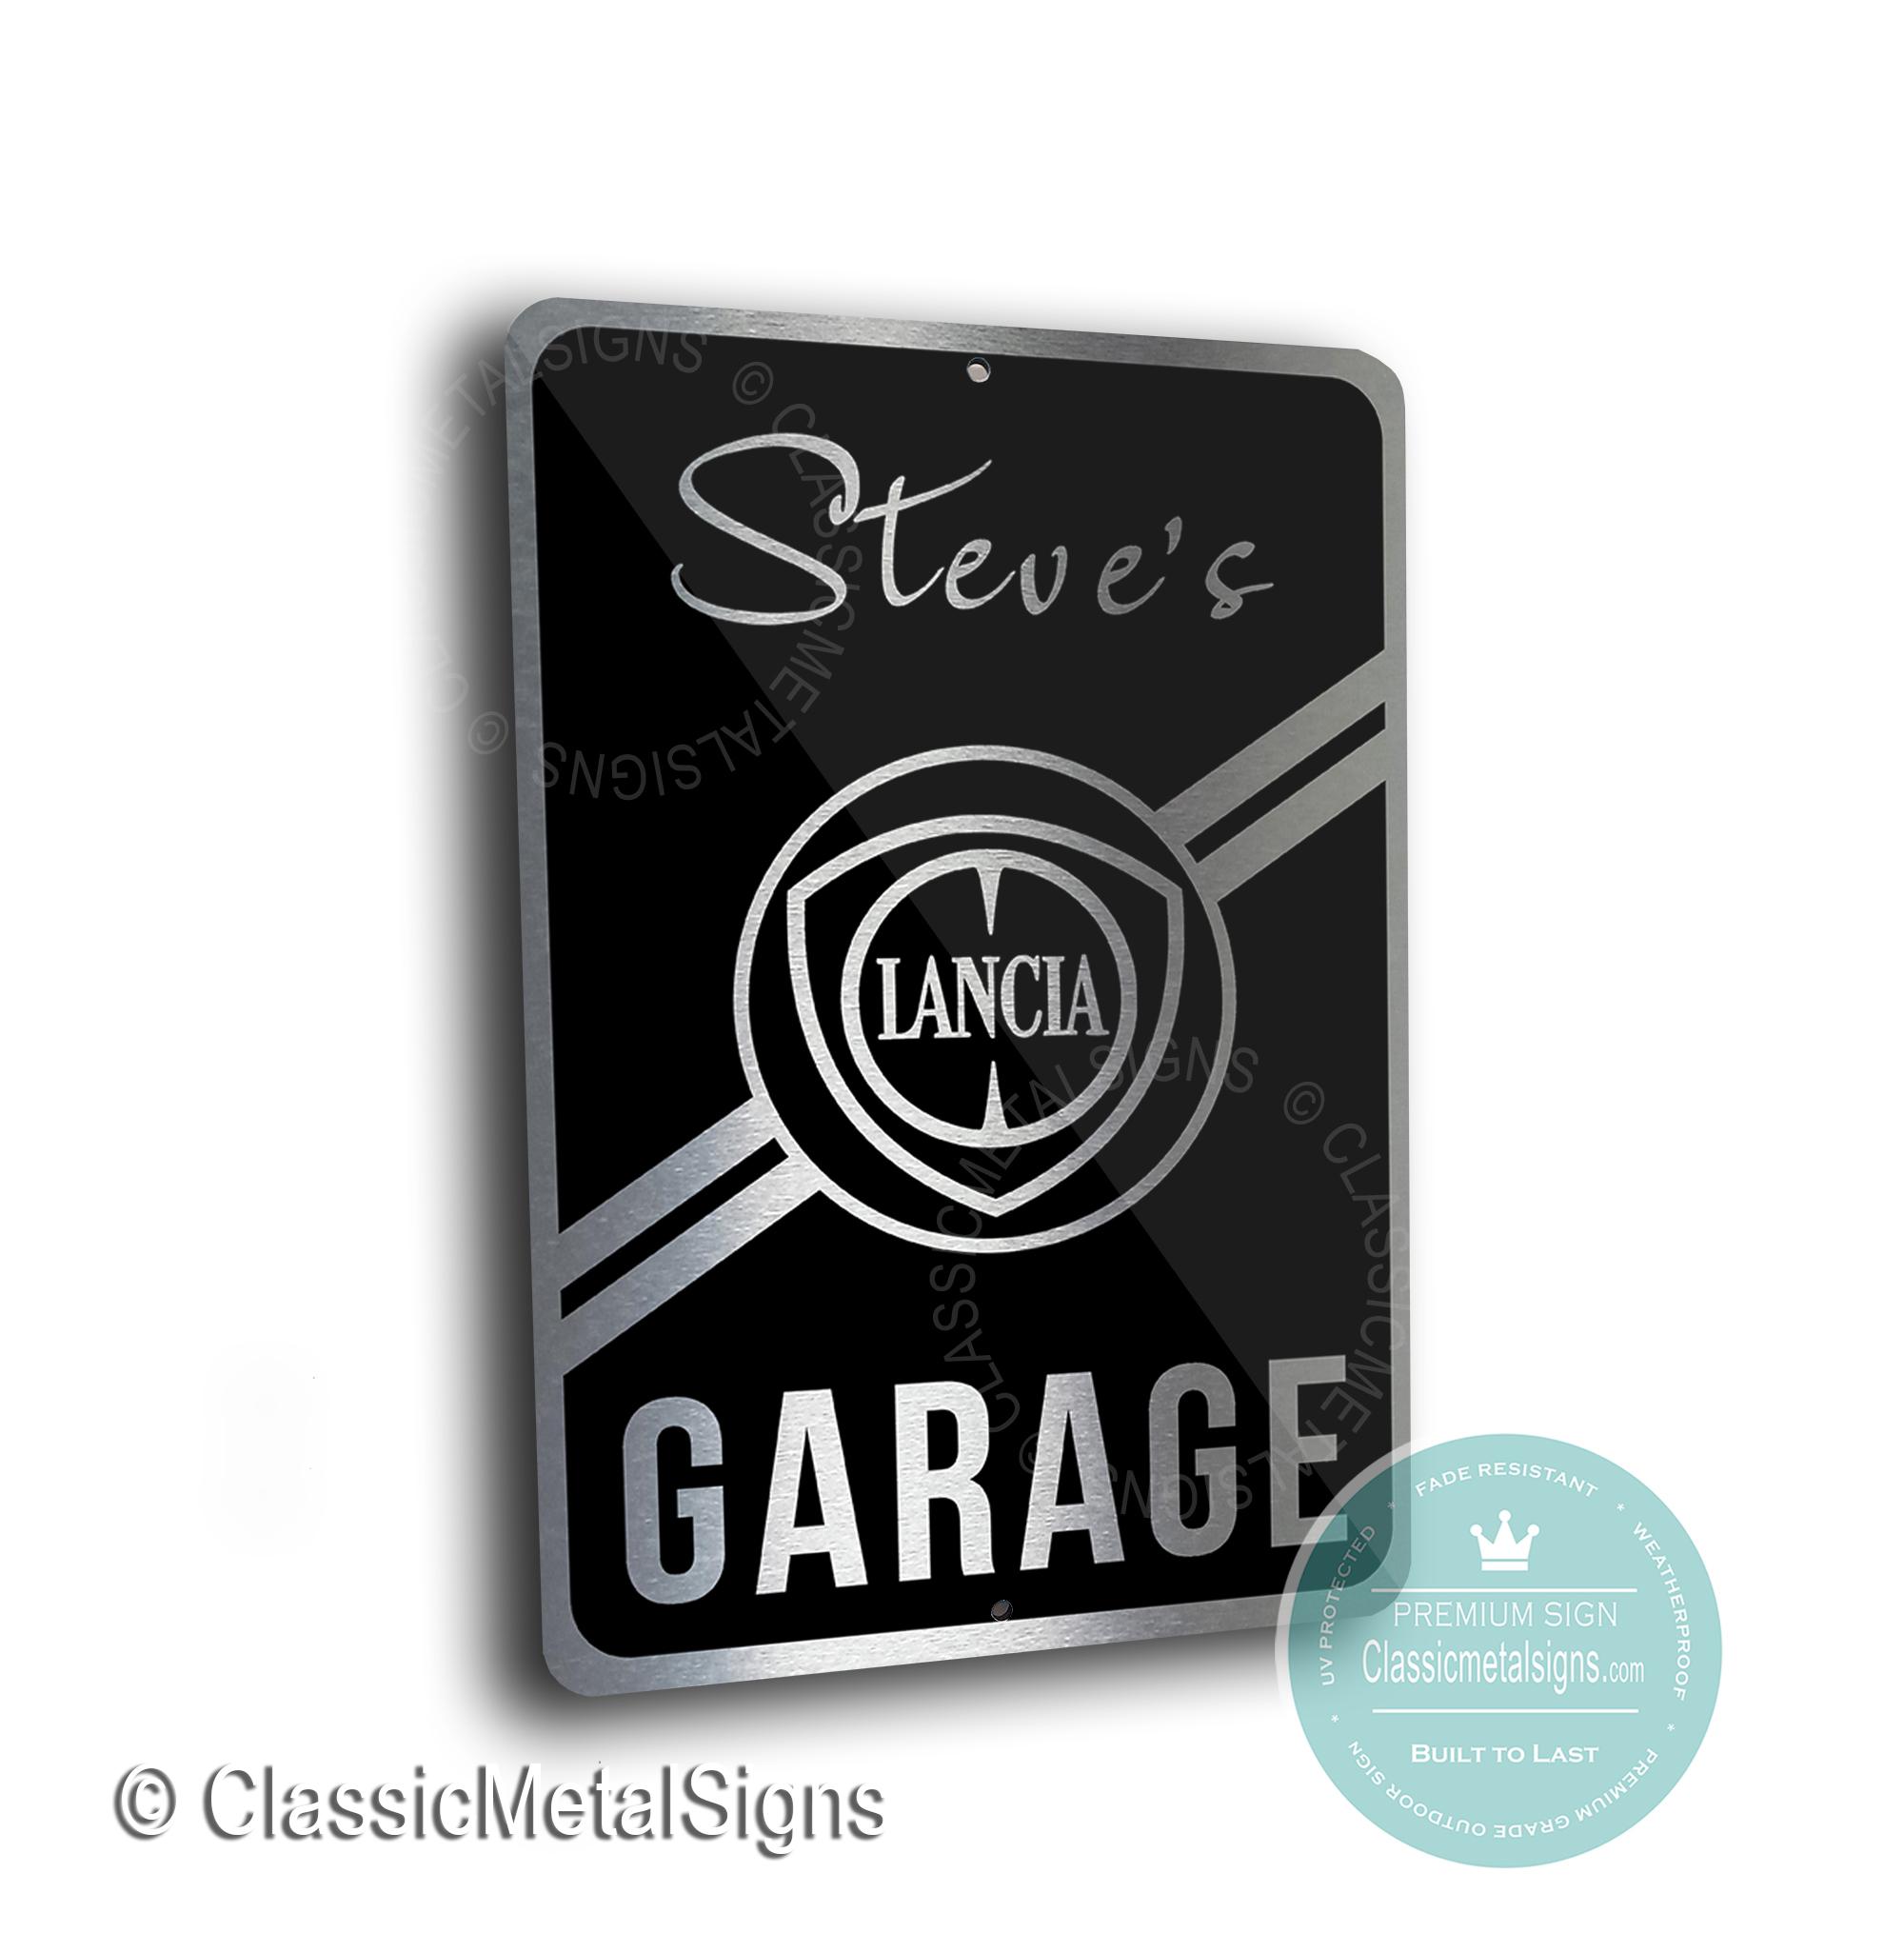 Lancia Garage Signs